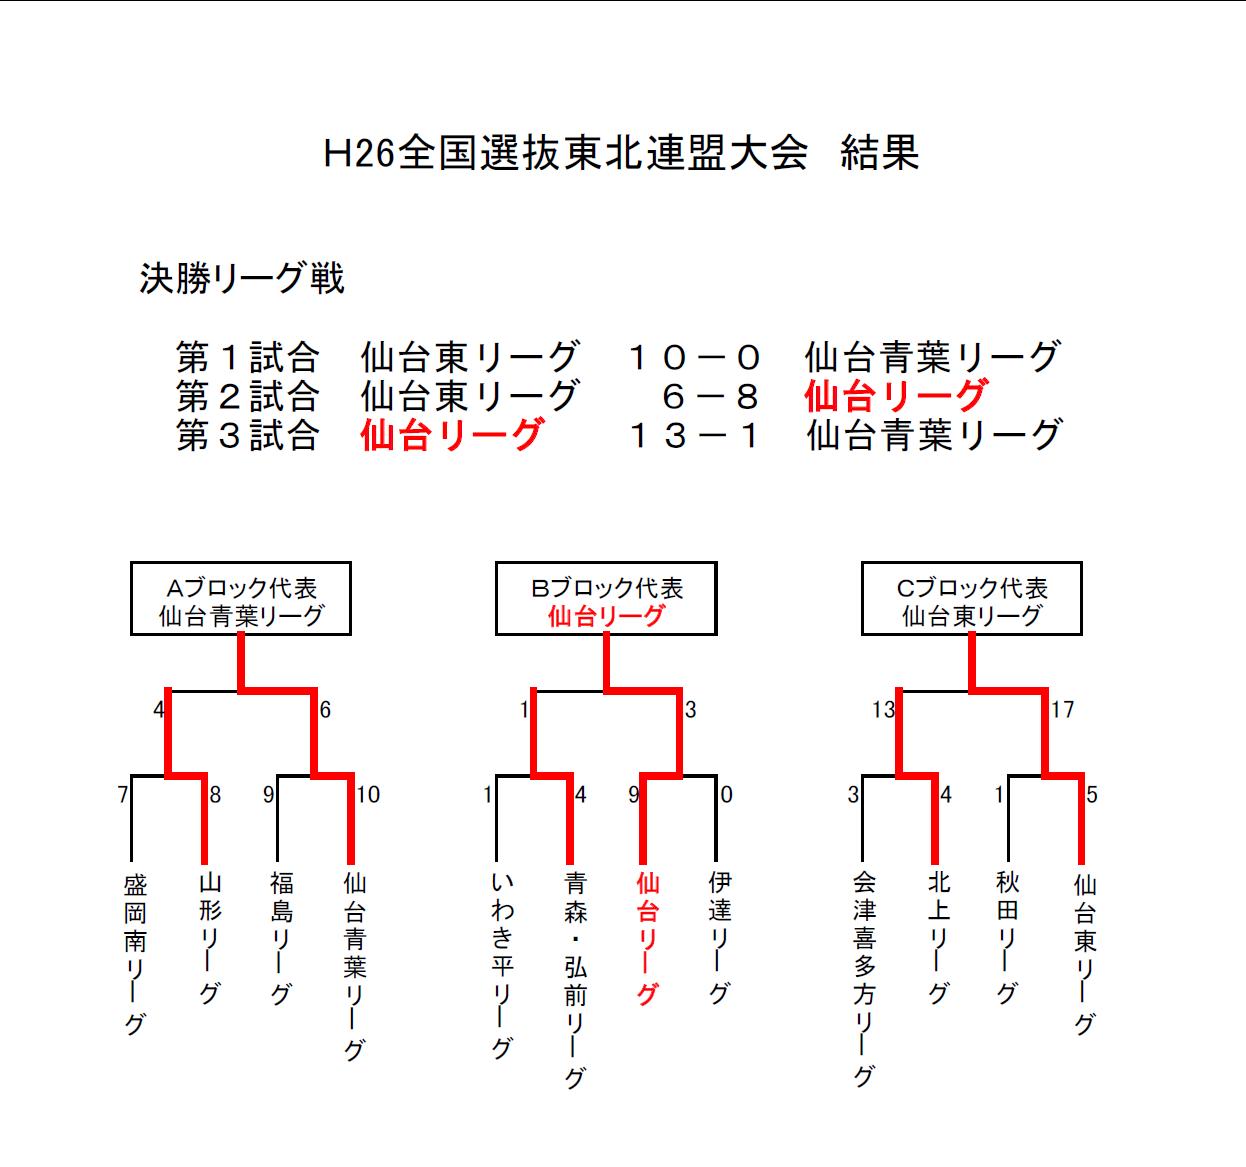 H26選抜東北大会結果